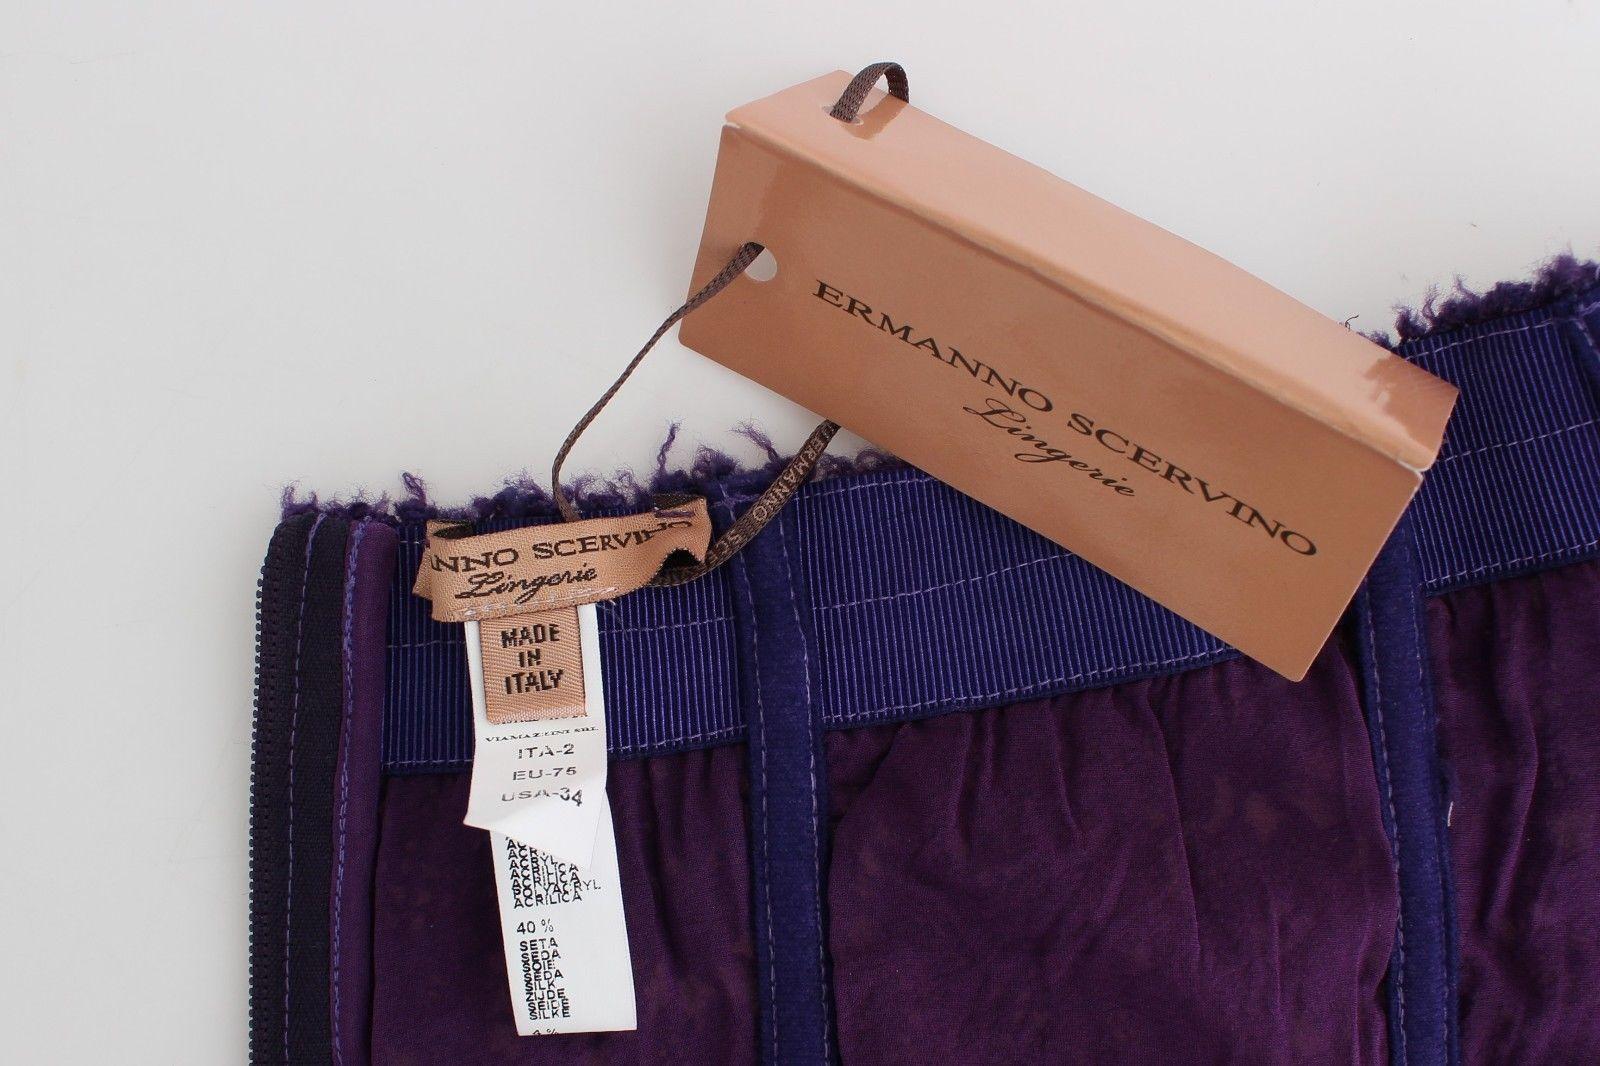 Ermanno Scervino Lingerie Purple Corset Bustier Top Floral Lace